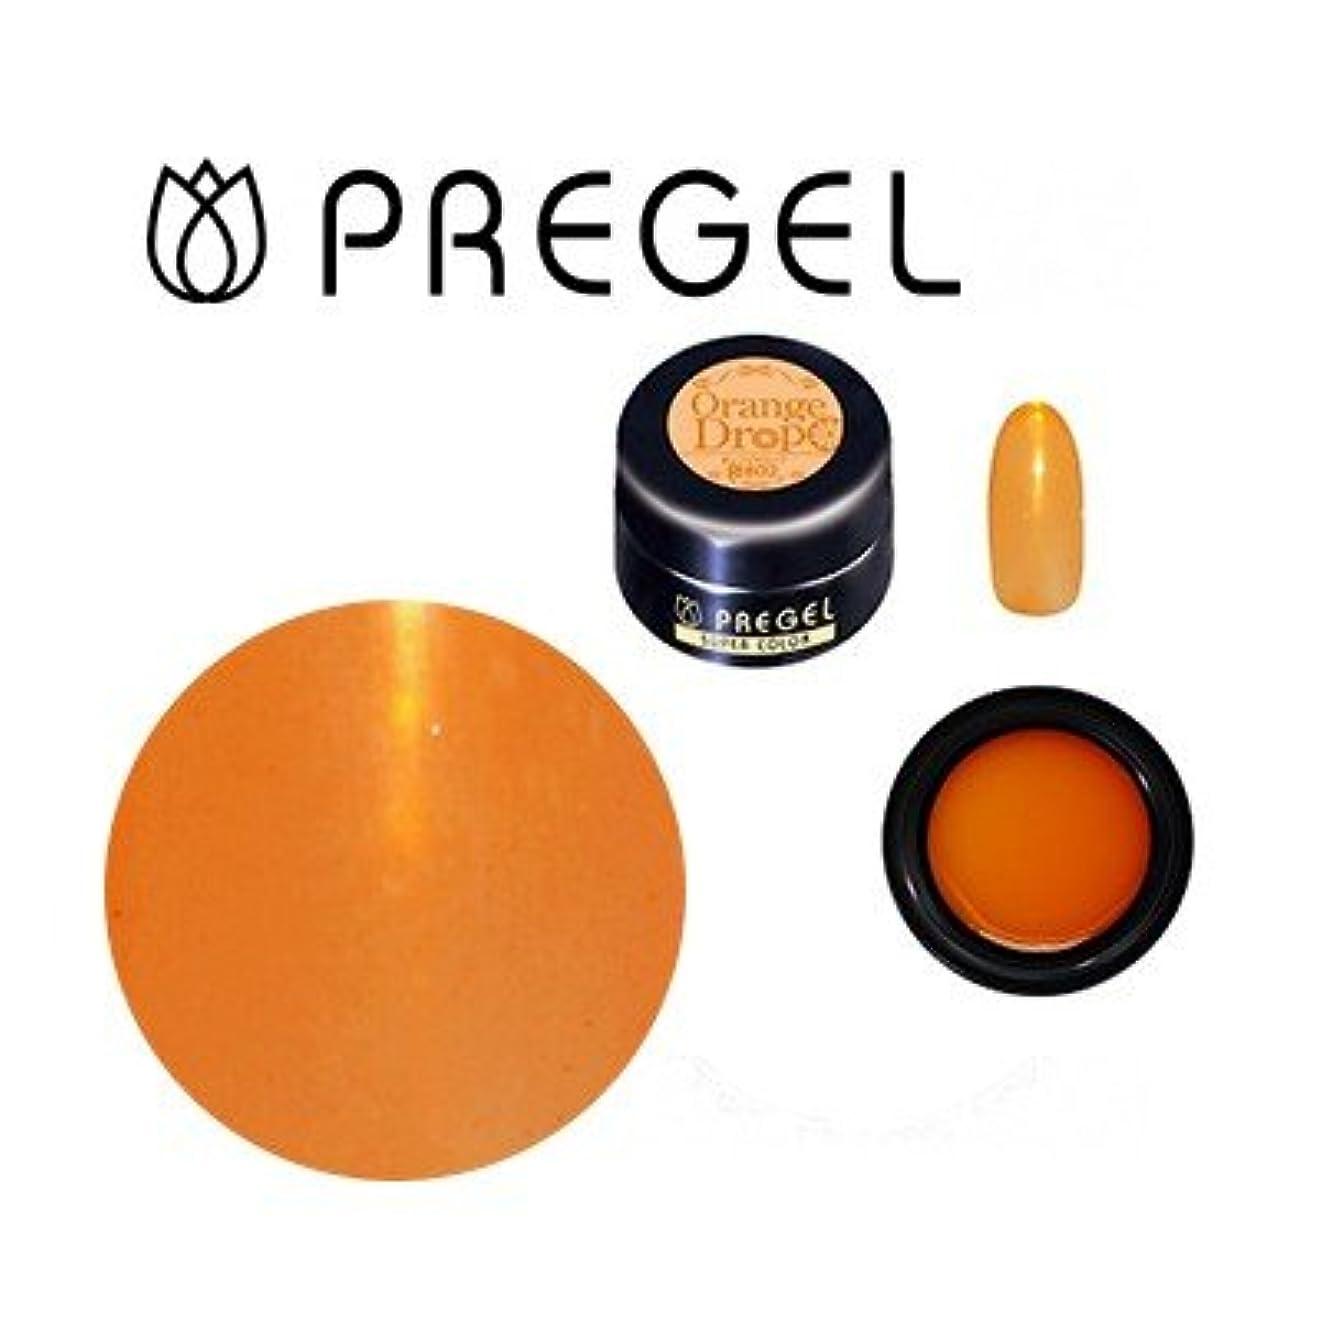 小さな剪断ペアプリジェル ジェルネイル スーパーカラーEXオレンジドロップ802